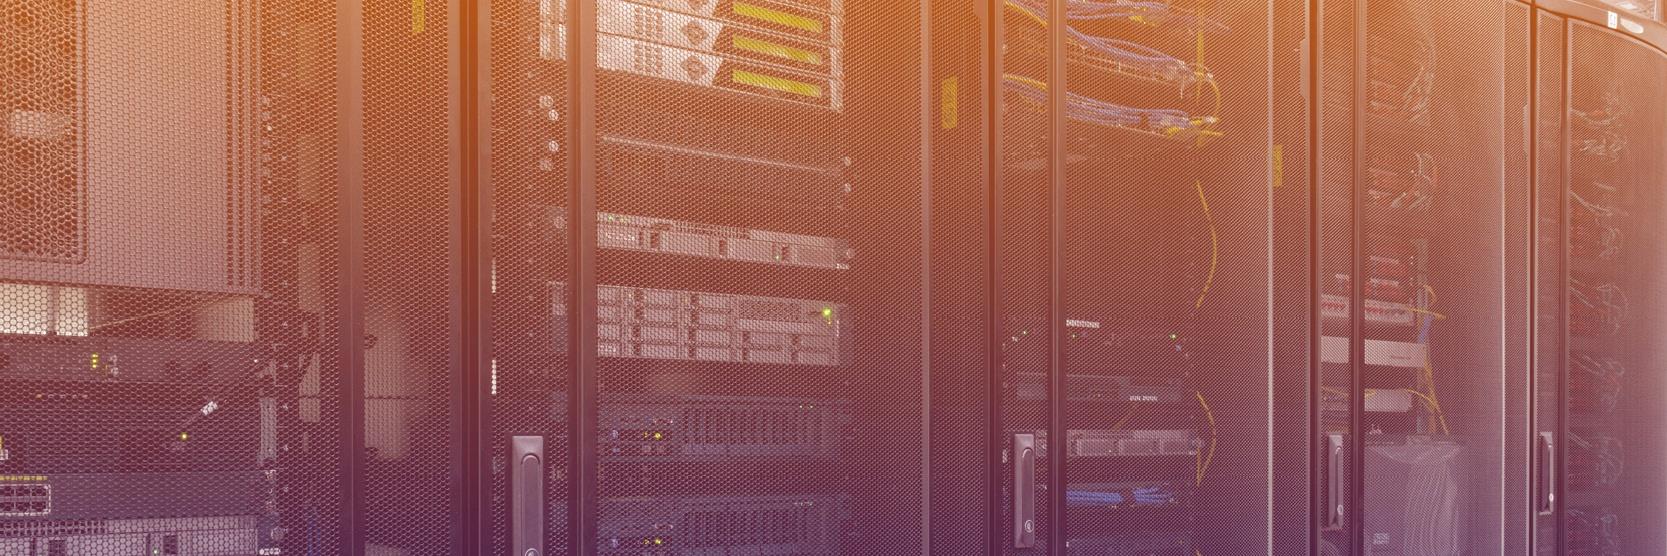 Amazon S3 Server